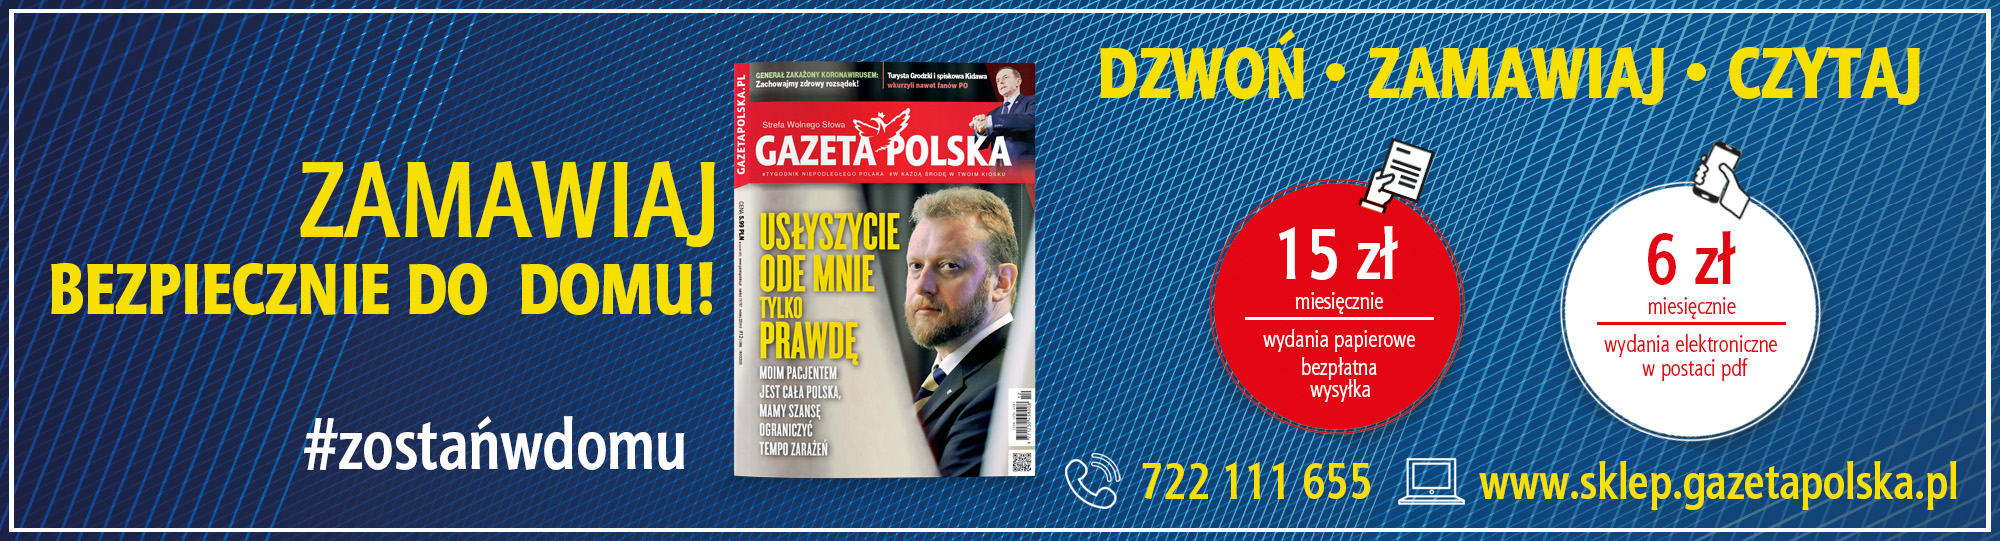 PROMOCJA_SKLEP_prenumerata kopia